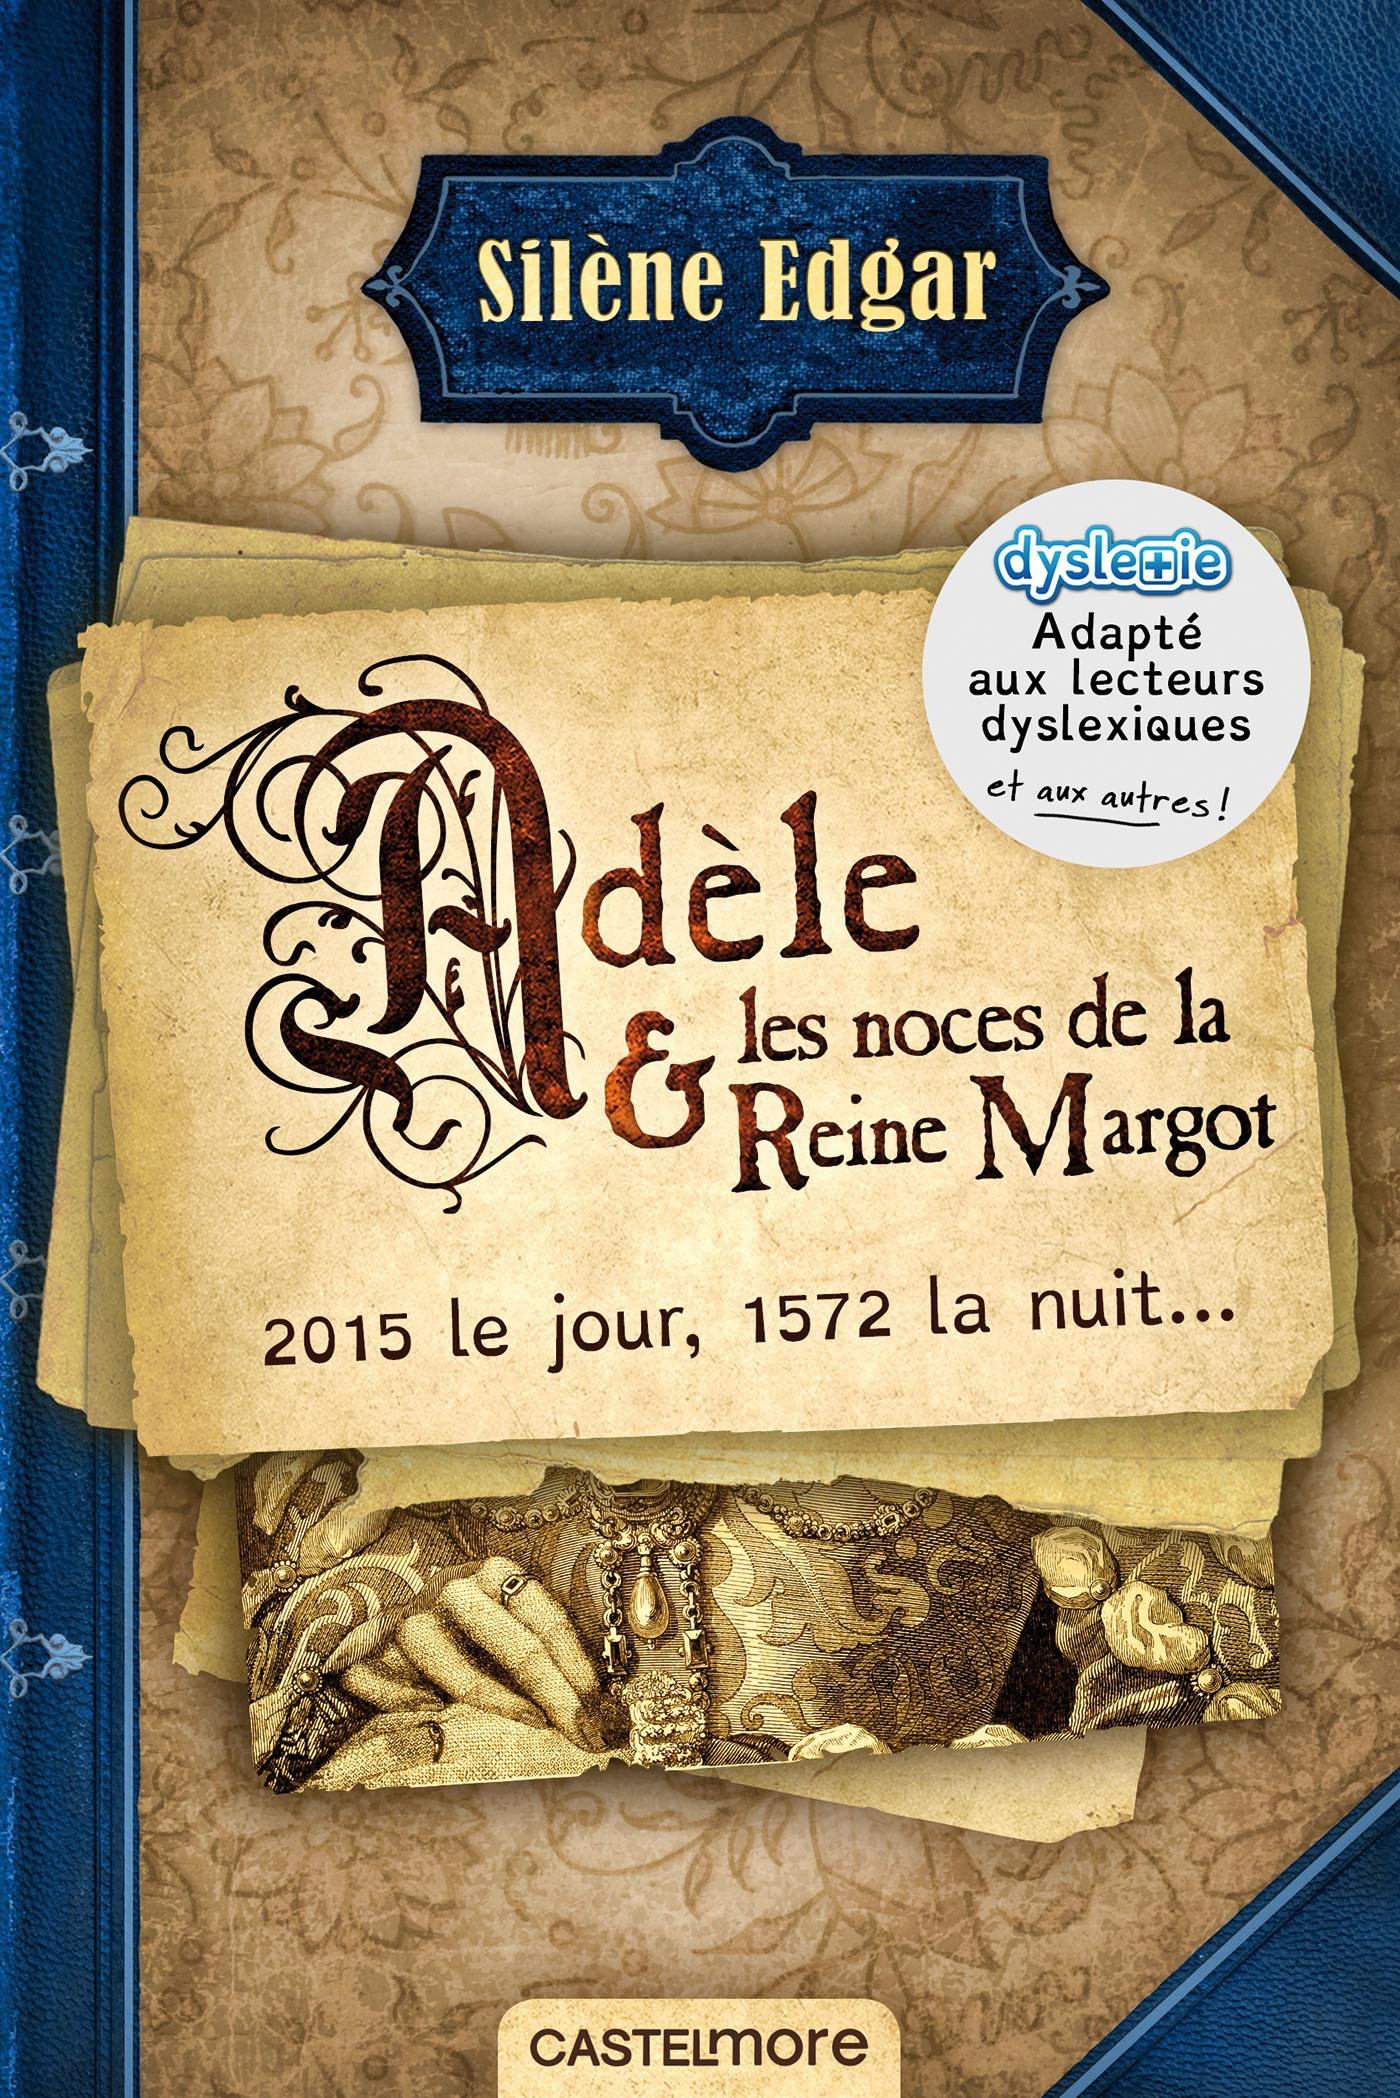 Adèle et les noces de la reine Margot (version dyslexique)